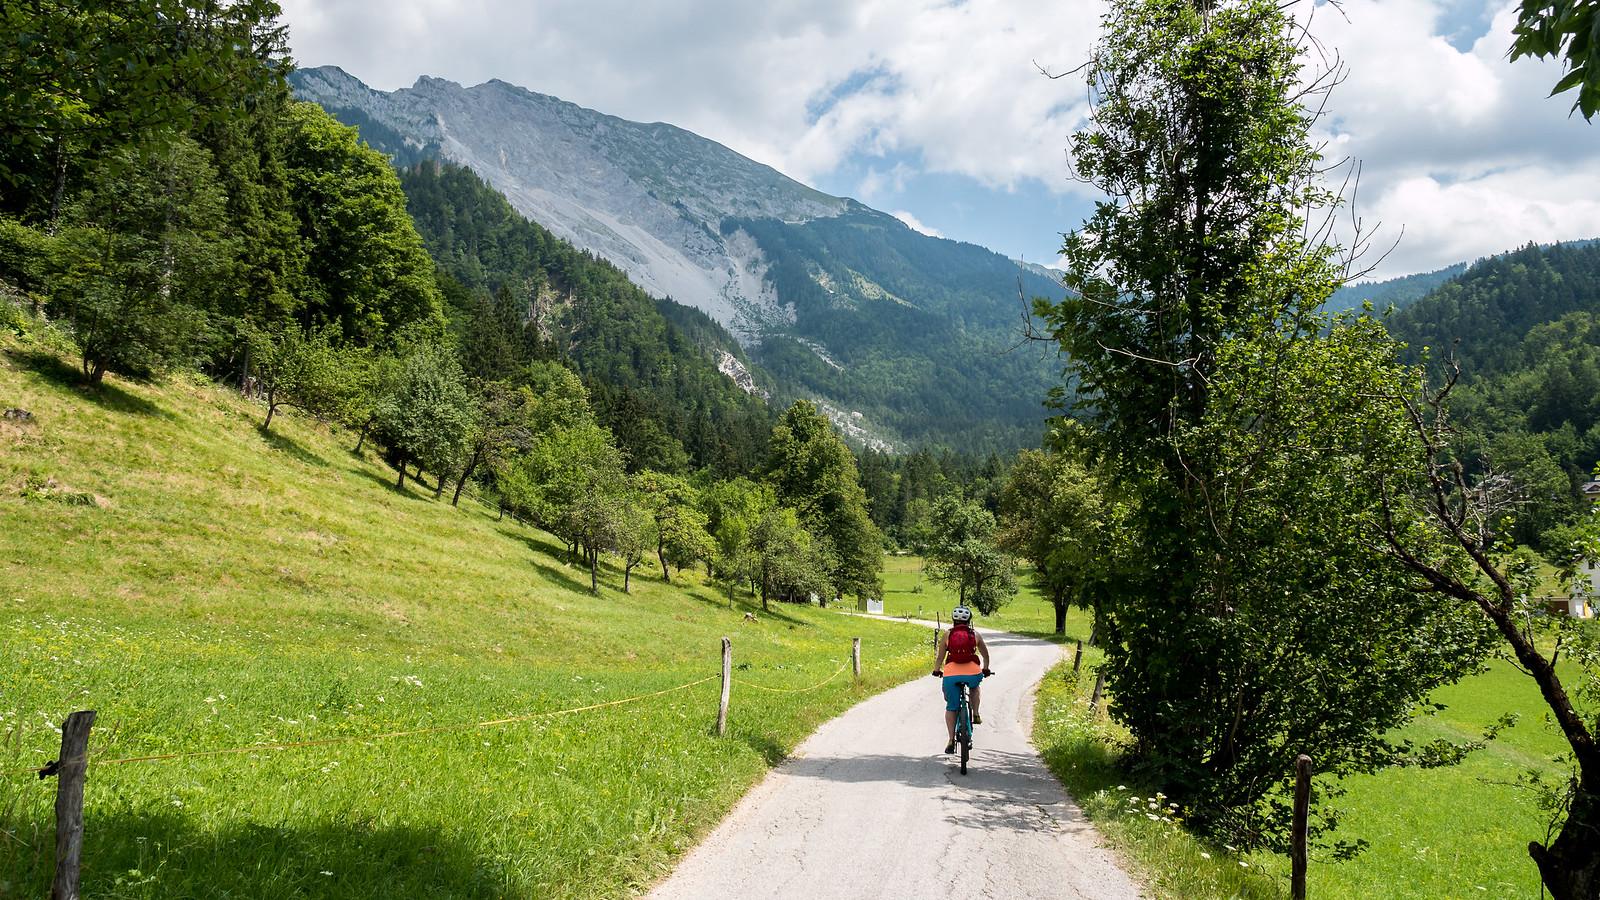 Pienessä kylässä Sloveniassa